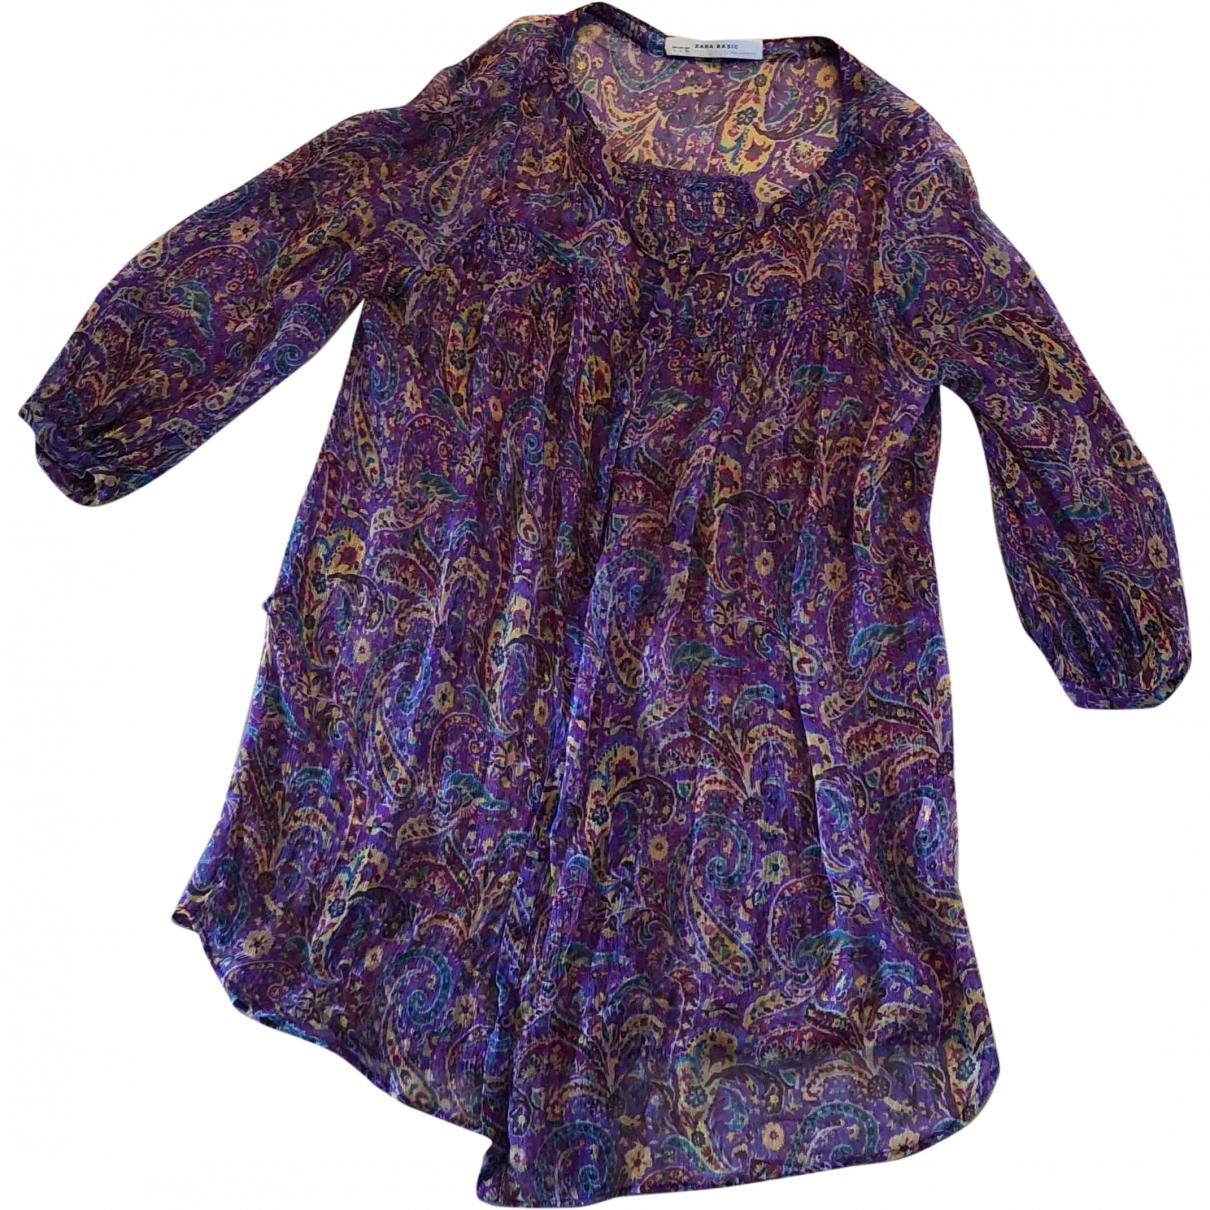 Zara \N Purple Silk  top for Women L International